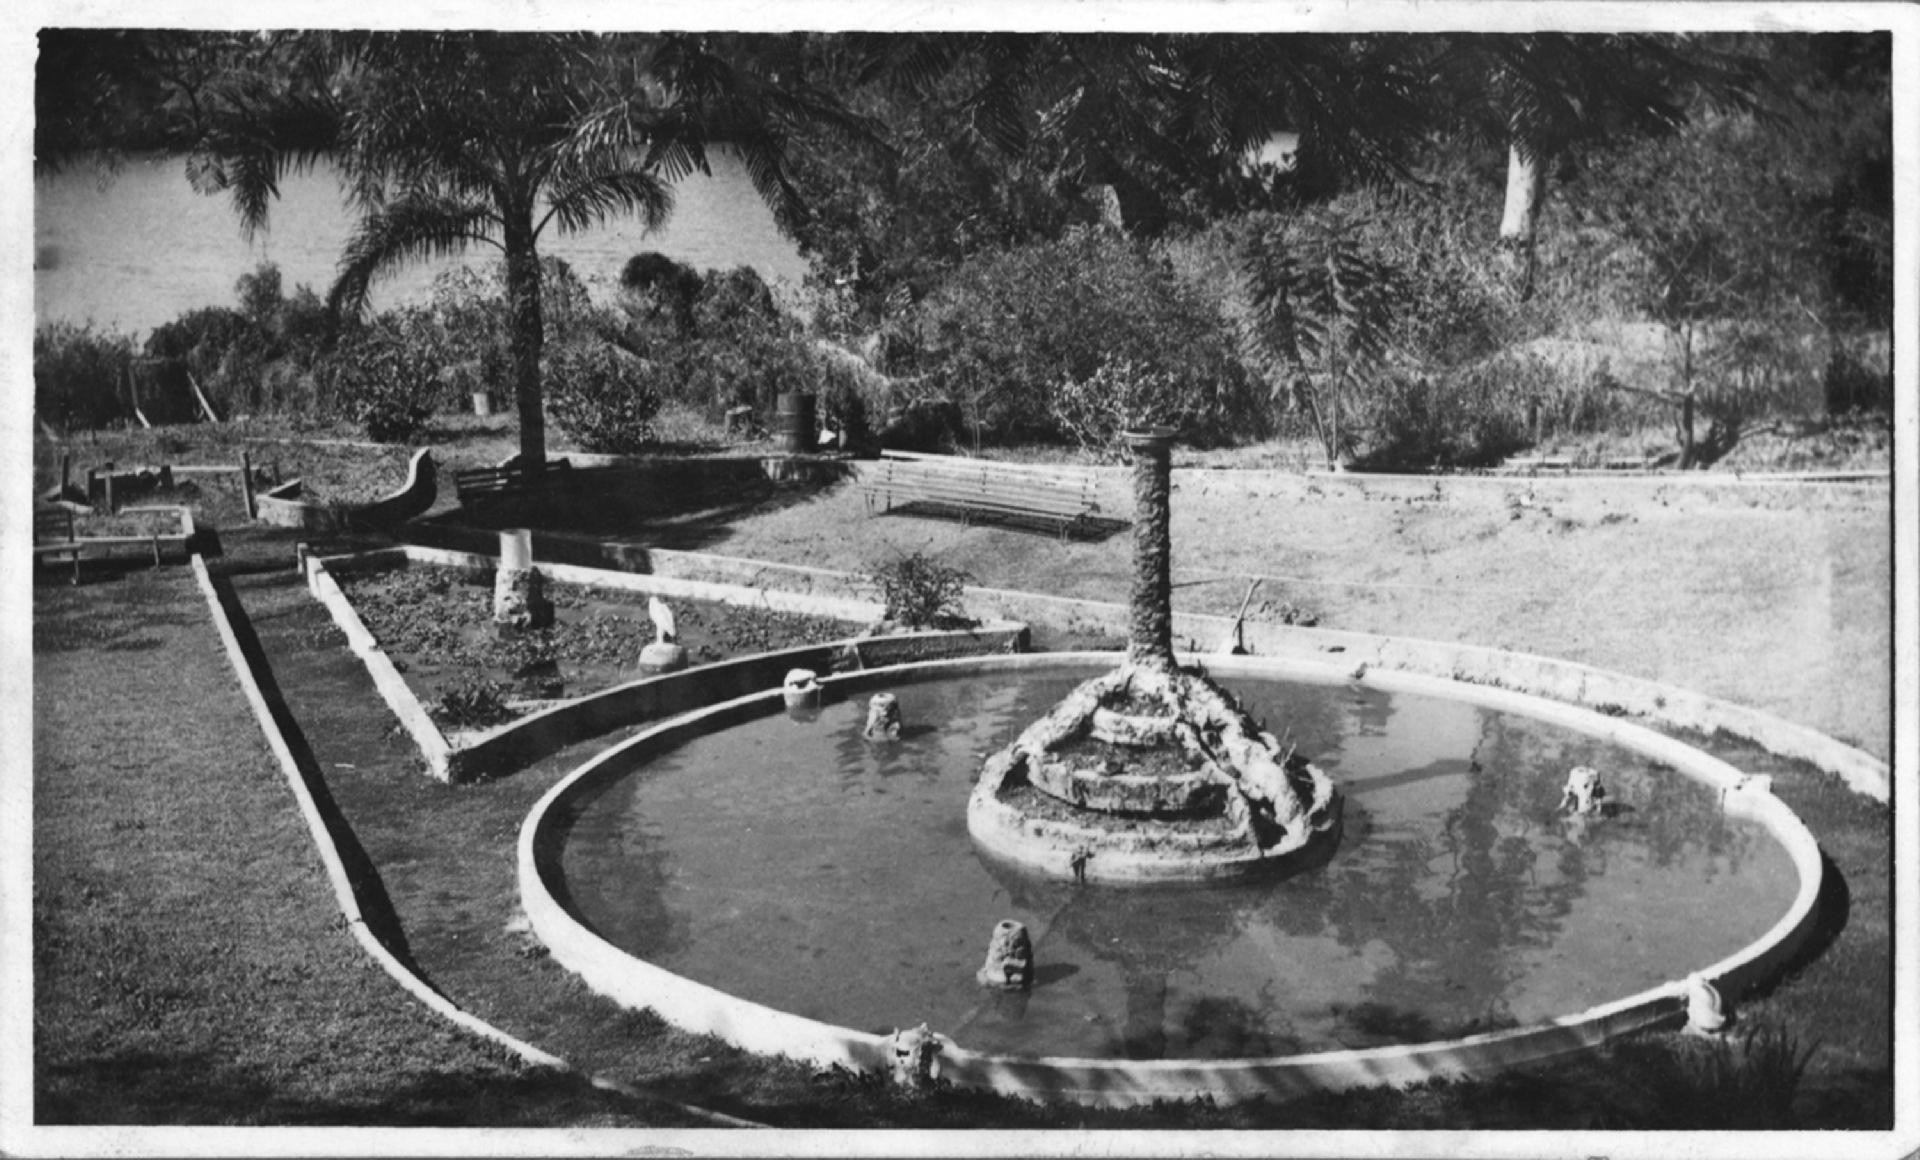 Cascades Tea Gardens, Indooroopilly, Brisbane | Queensland